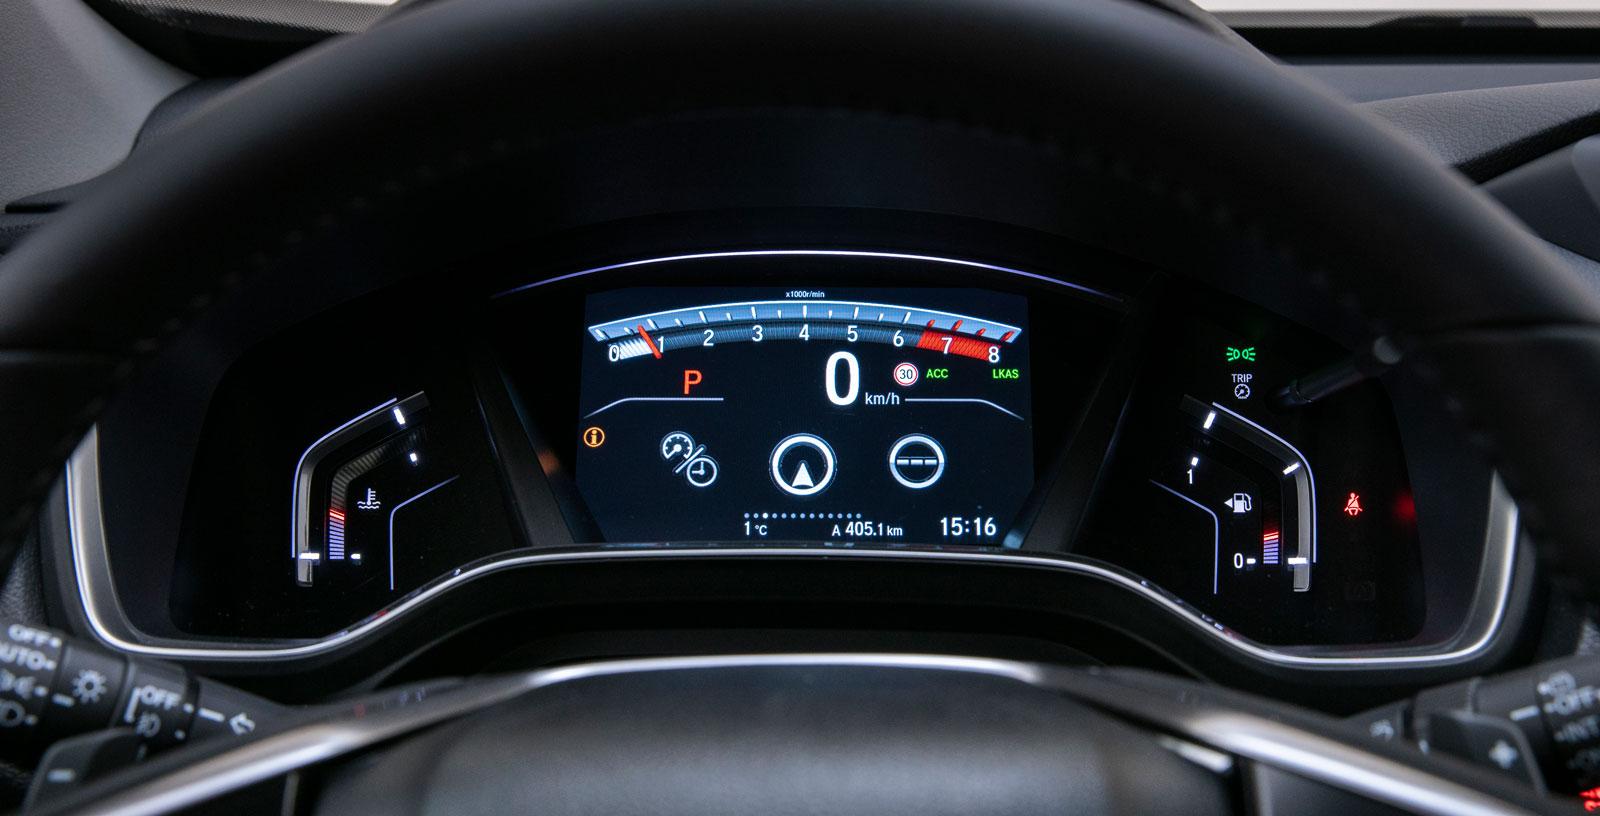 Inga nålar, men väl digital hastighetsmätare och en varvräknare som påminner om den vi såg i den moderna klassikern S2000. Mycket tydlig färddator men väl omständlig att manövrera.